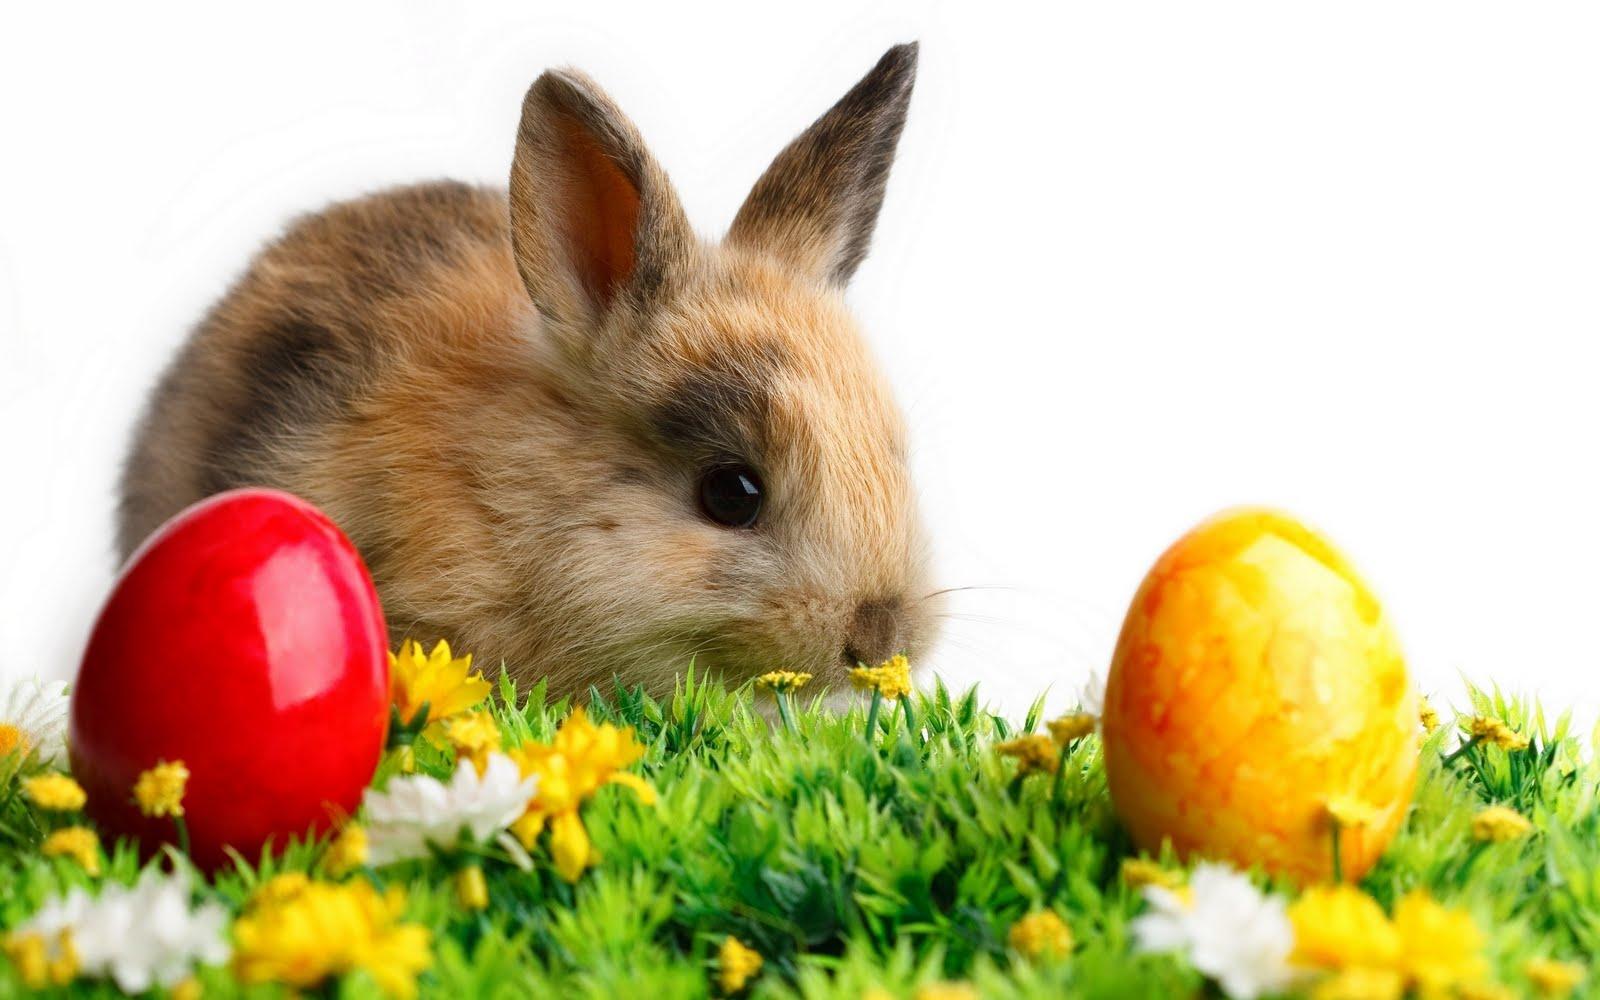 Description Happy Easter Bunny Wallpaper is a hi res Wallpaper for pc 1600x1000